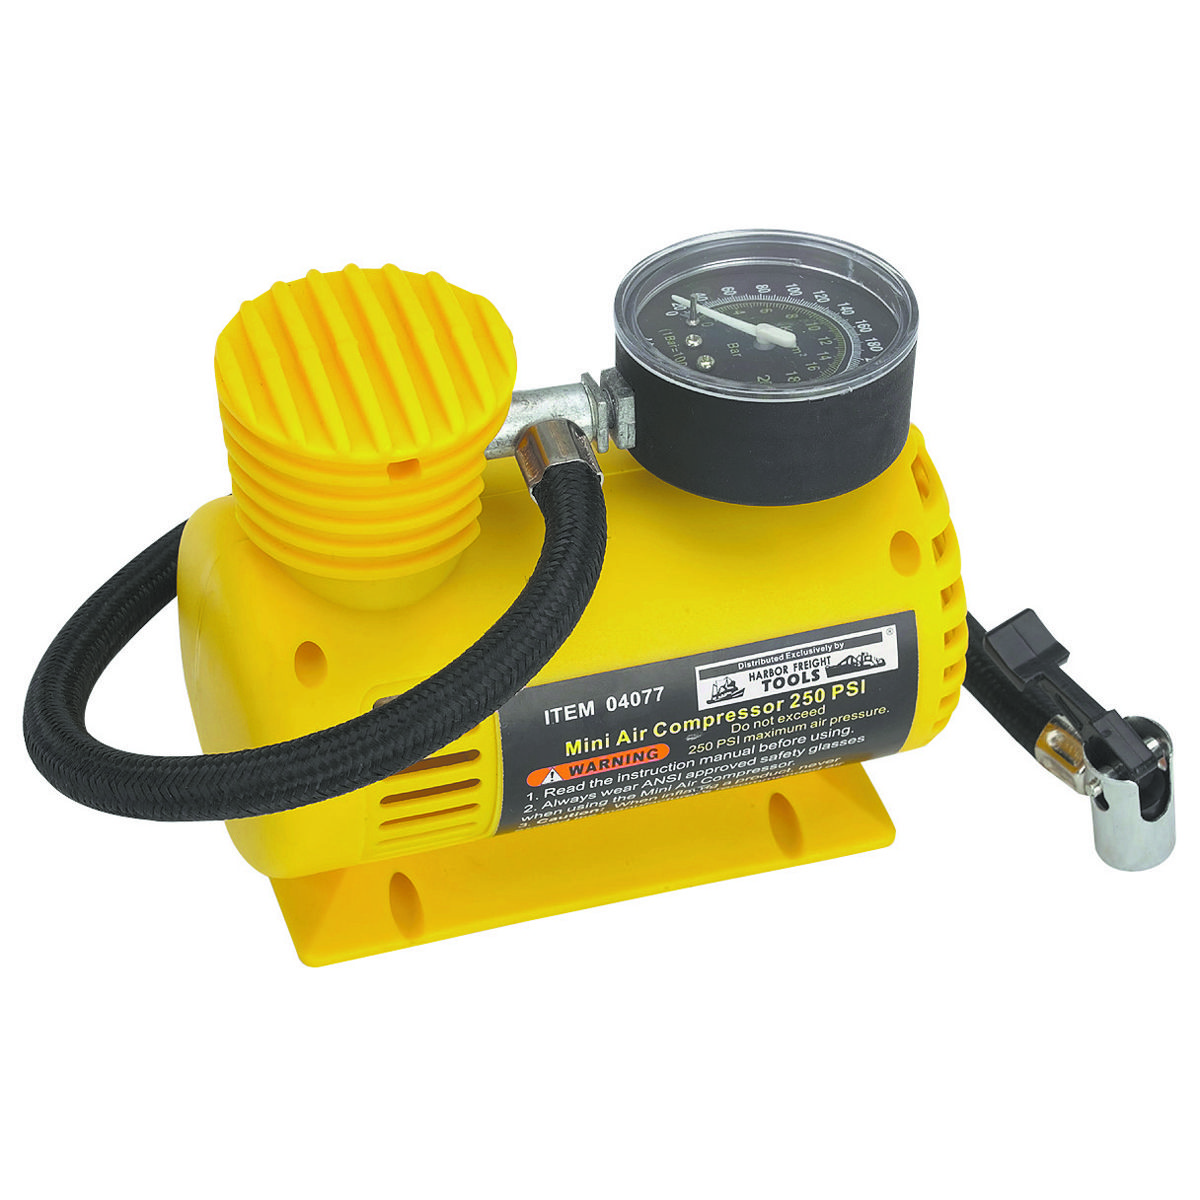 12 volt 250 psi compact air compressor [ 1200 x 1200 Pixel ]